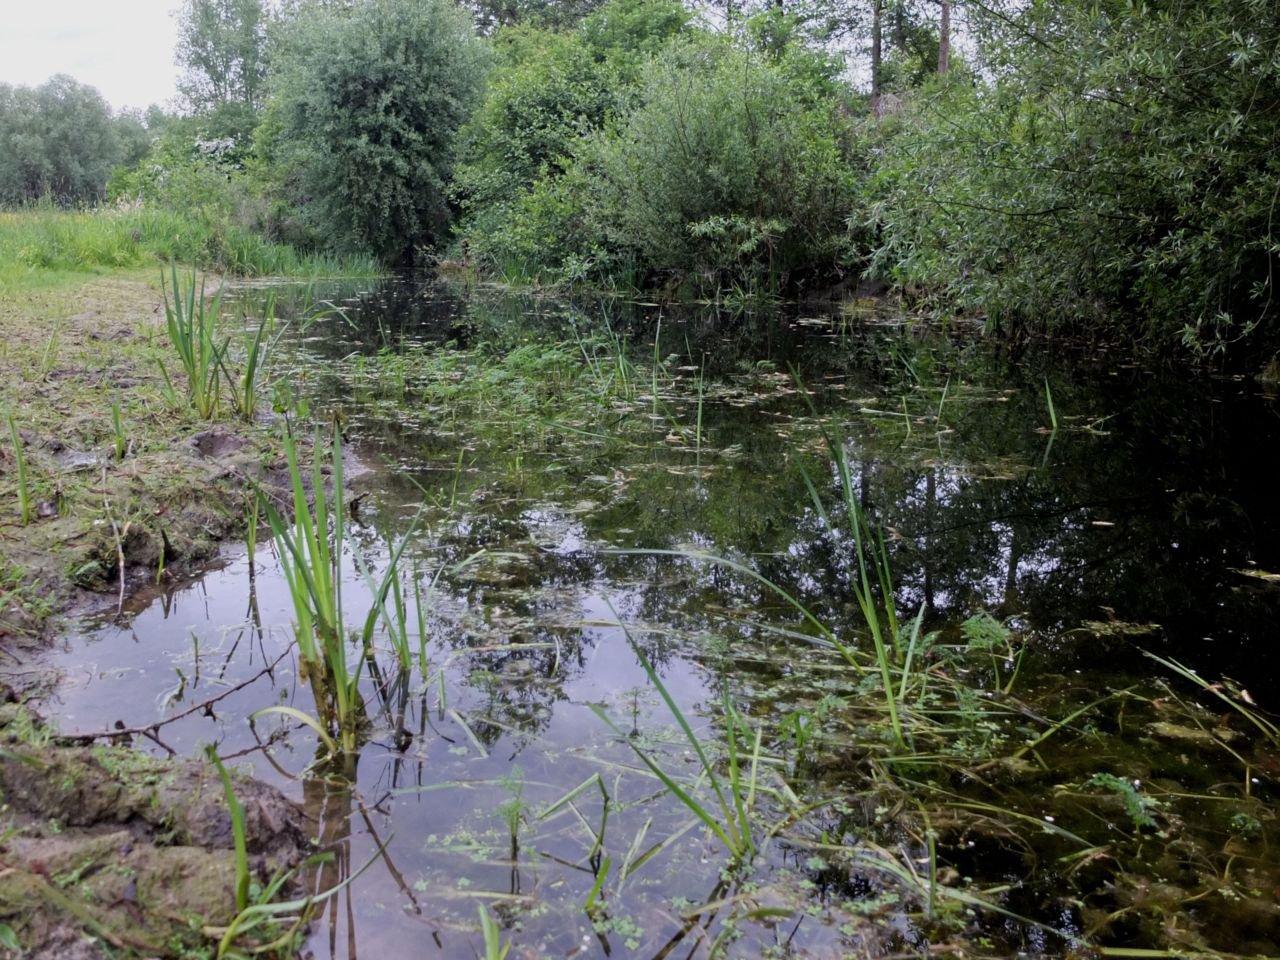 Een van de belangrijkste voortplantingspoelen in het Viskot in Linter: de waterkolom bevat helder water en een structuurrijke watervegetatie, en de poel valt af en toe eens droog (foto Iwan Lewylle)